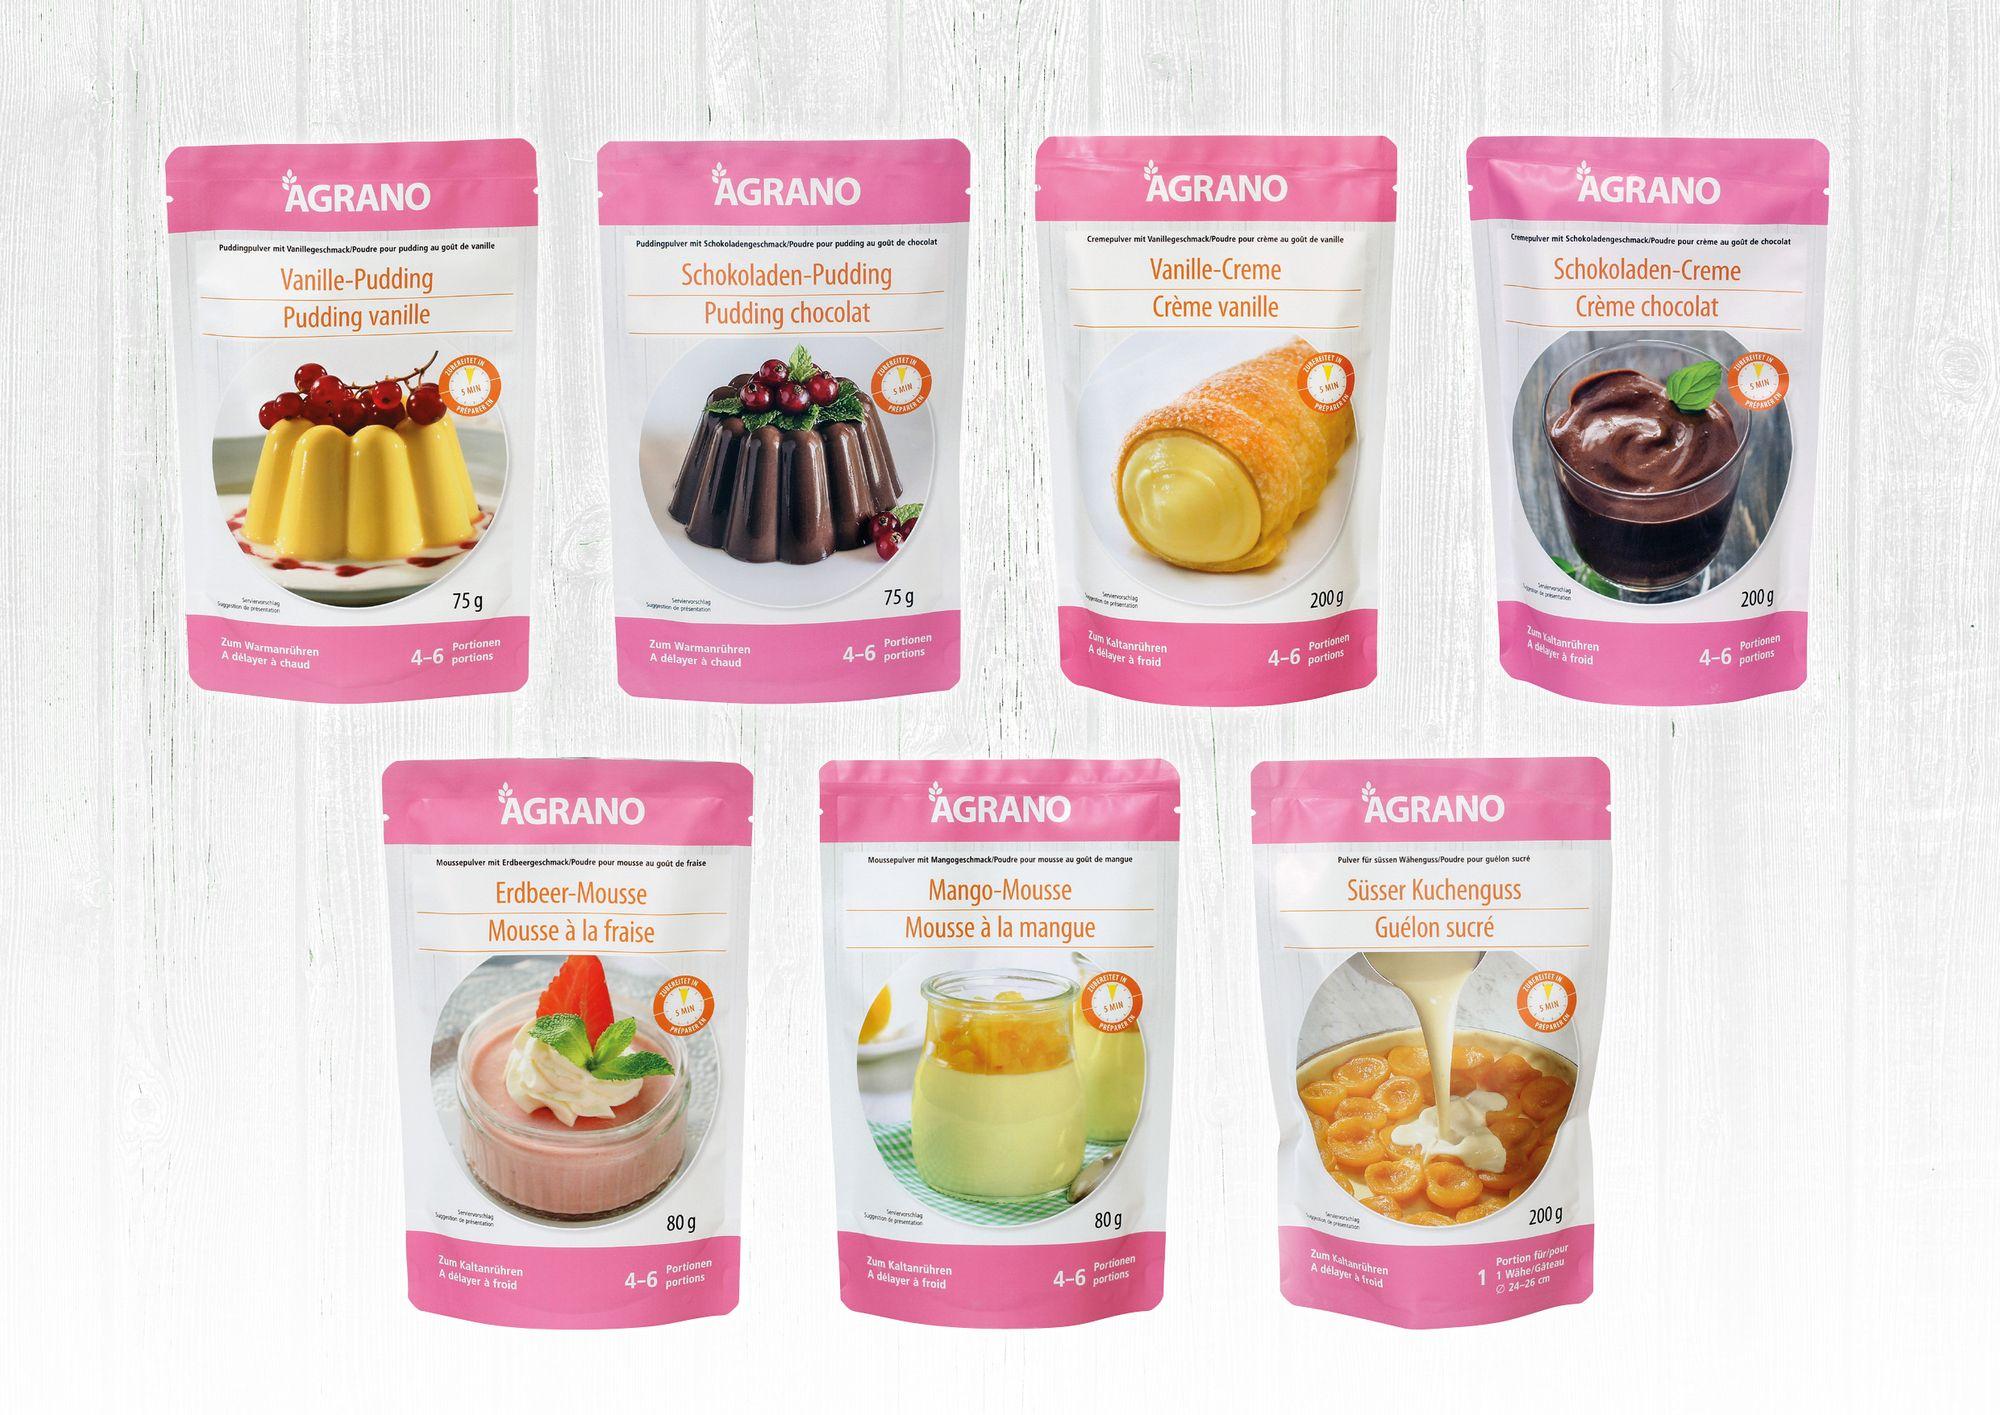 Agrano lance des sachets pratiques pour les mousses, les crèmes et les puddings